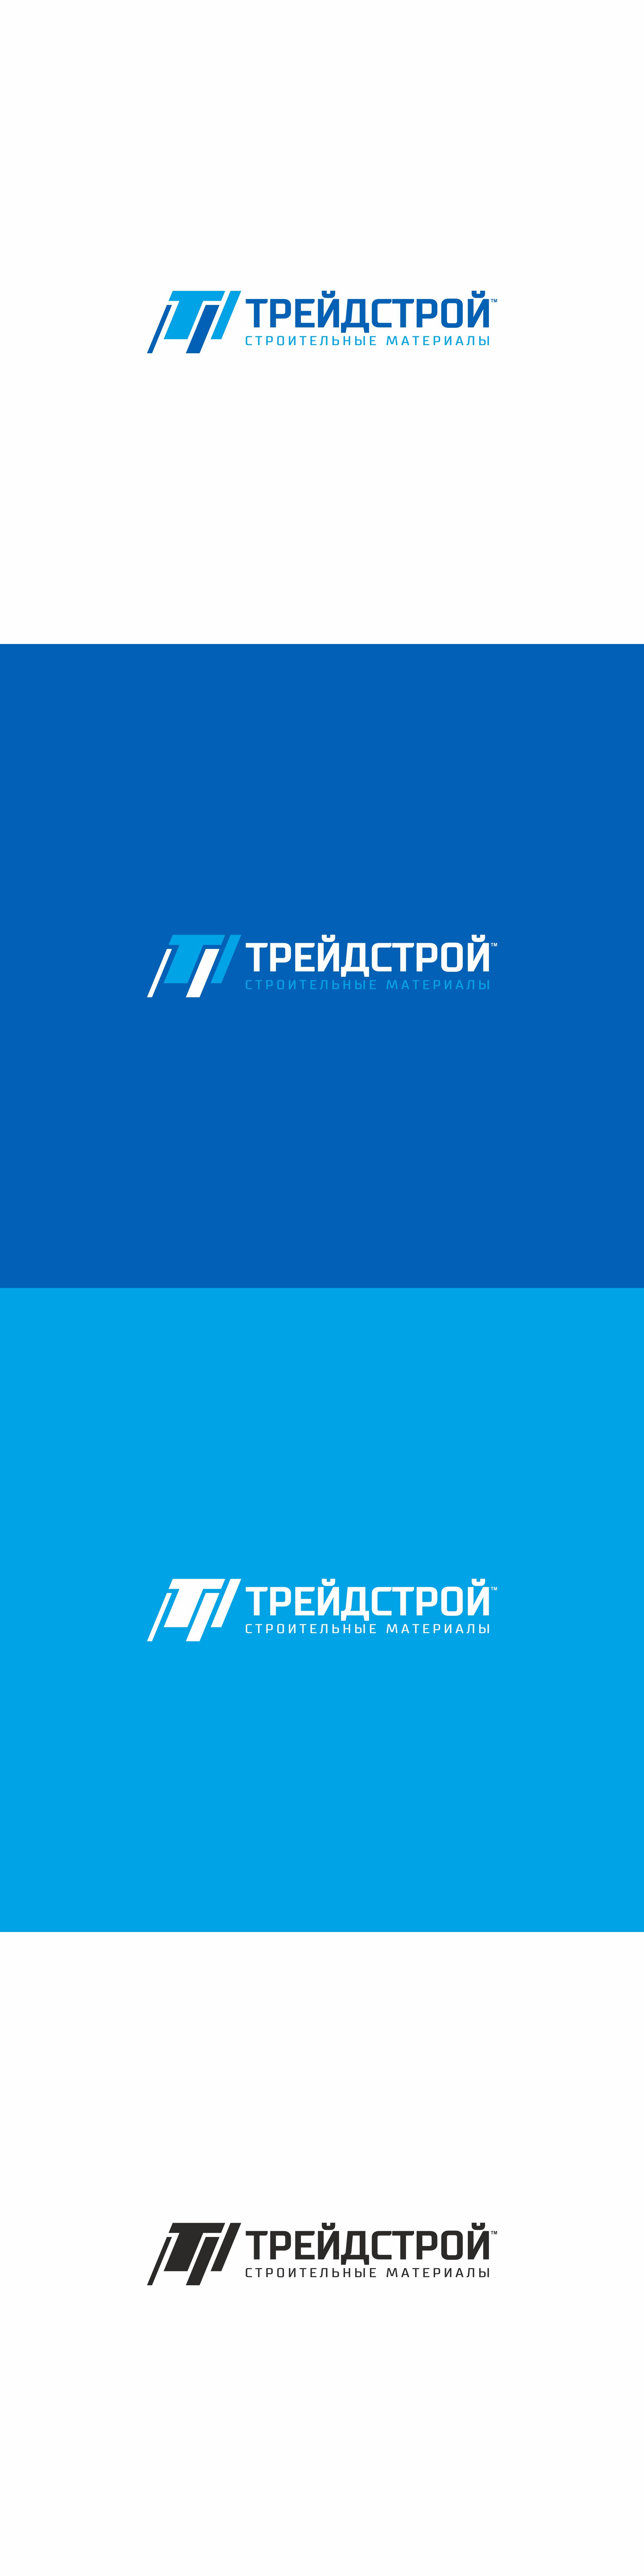 Разработка логотипа и общего стиля компании. фото f_2595b0c00d828b23.jpg